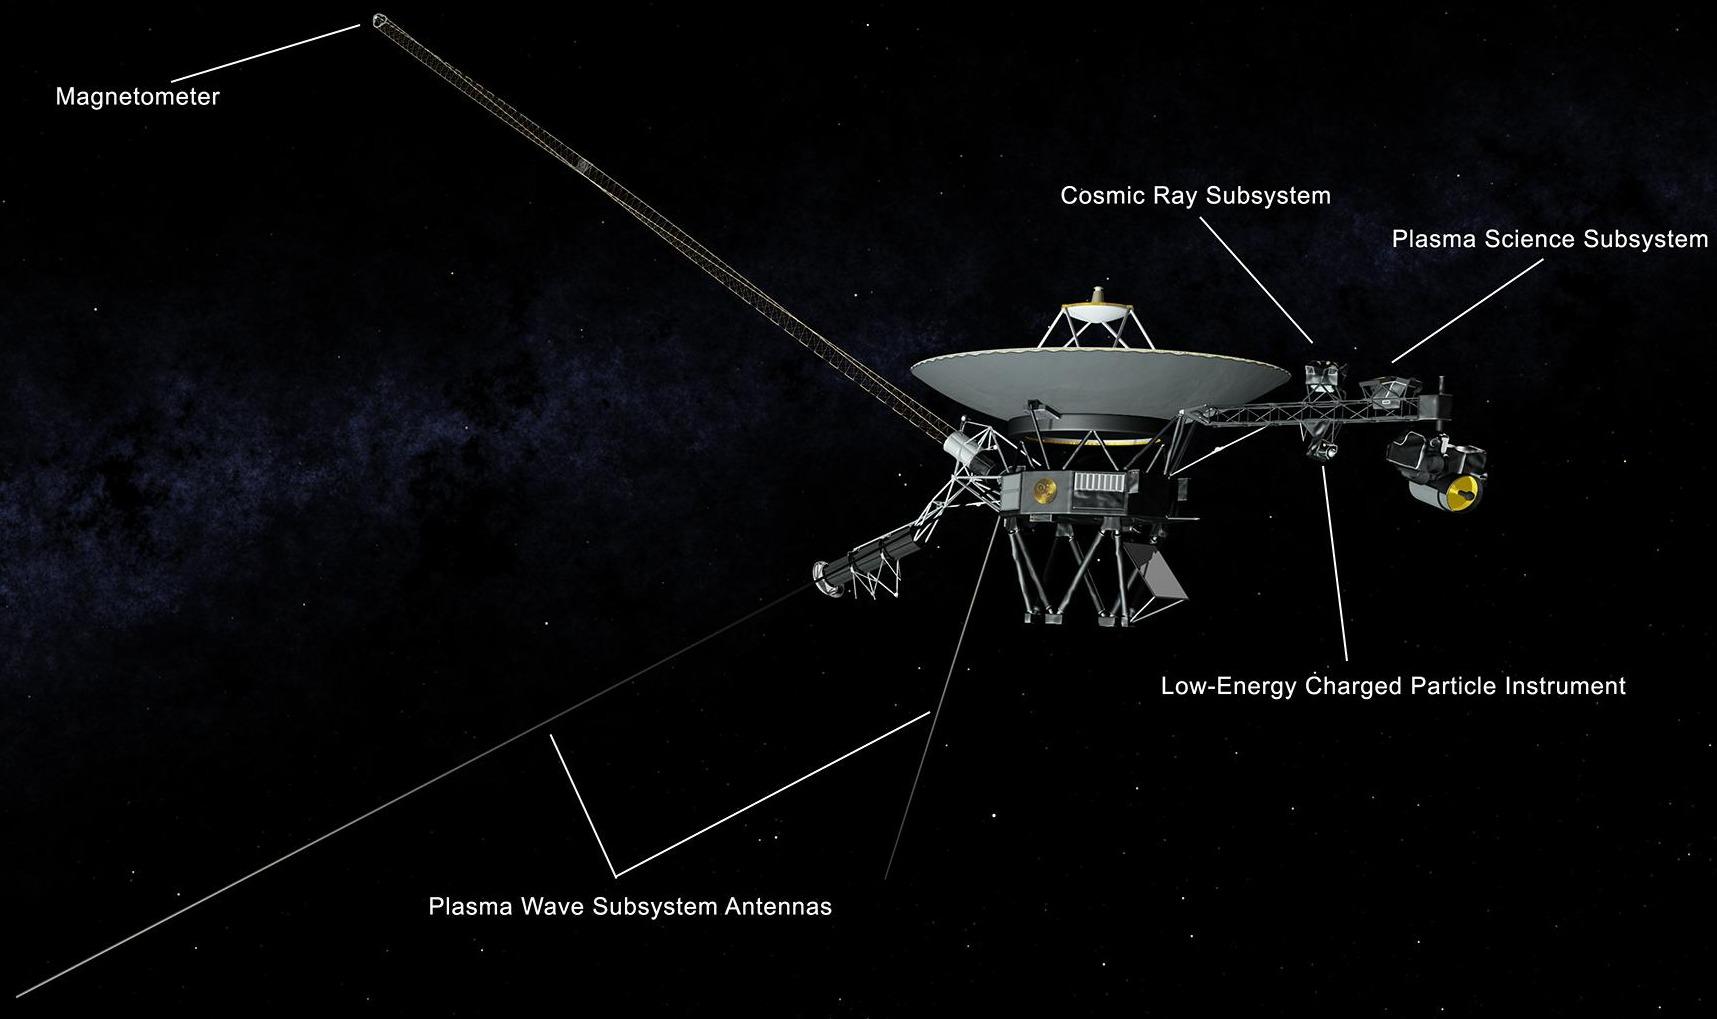 Нажмите на картинку выше, чтобы увеличить ее (иллюстрация: NASA)